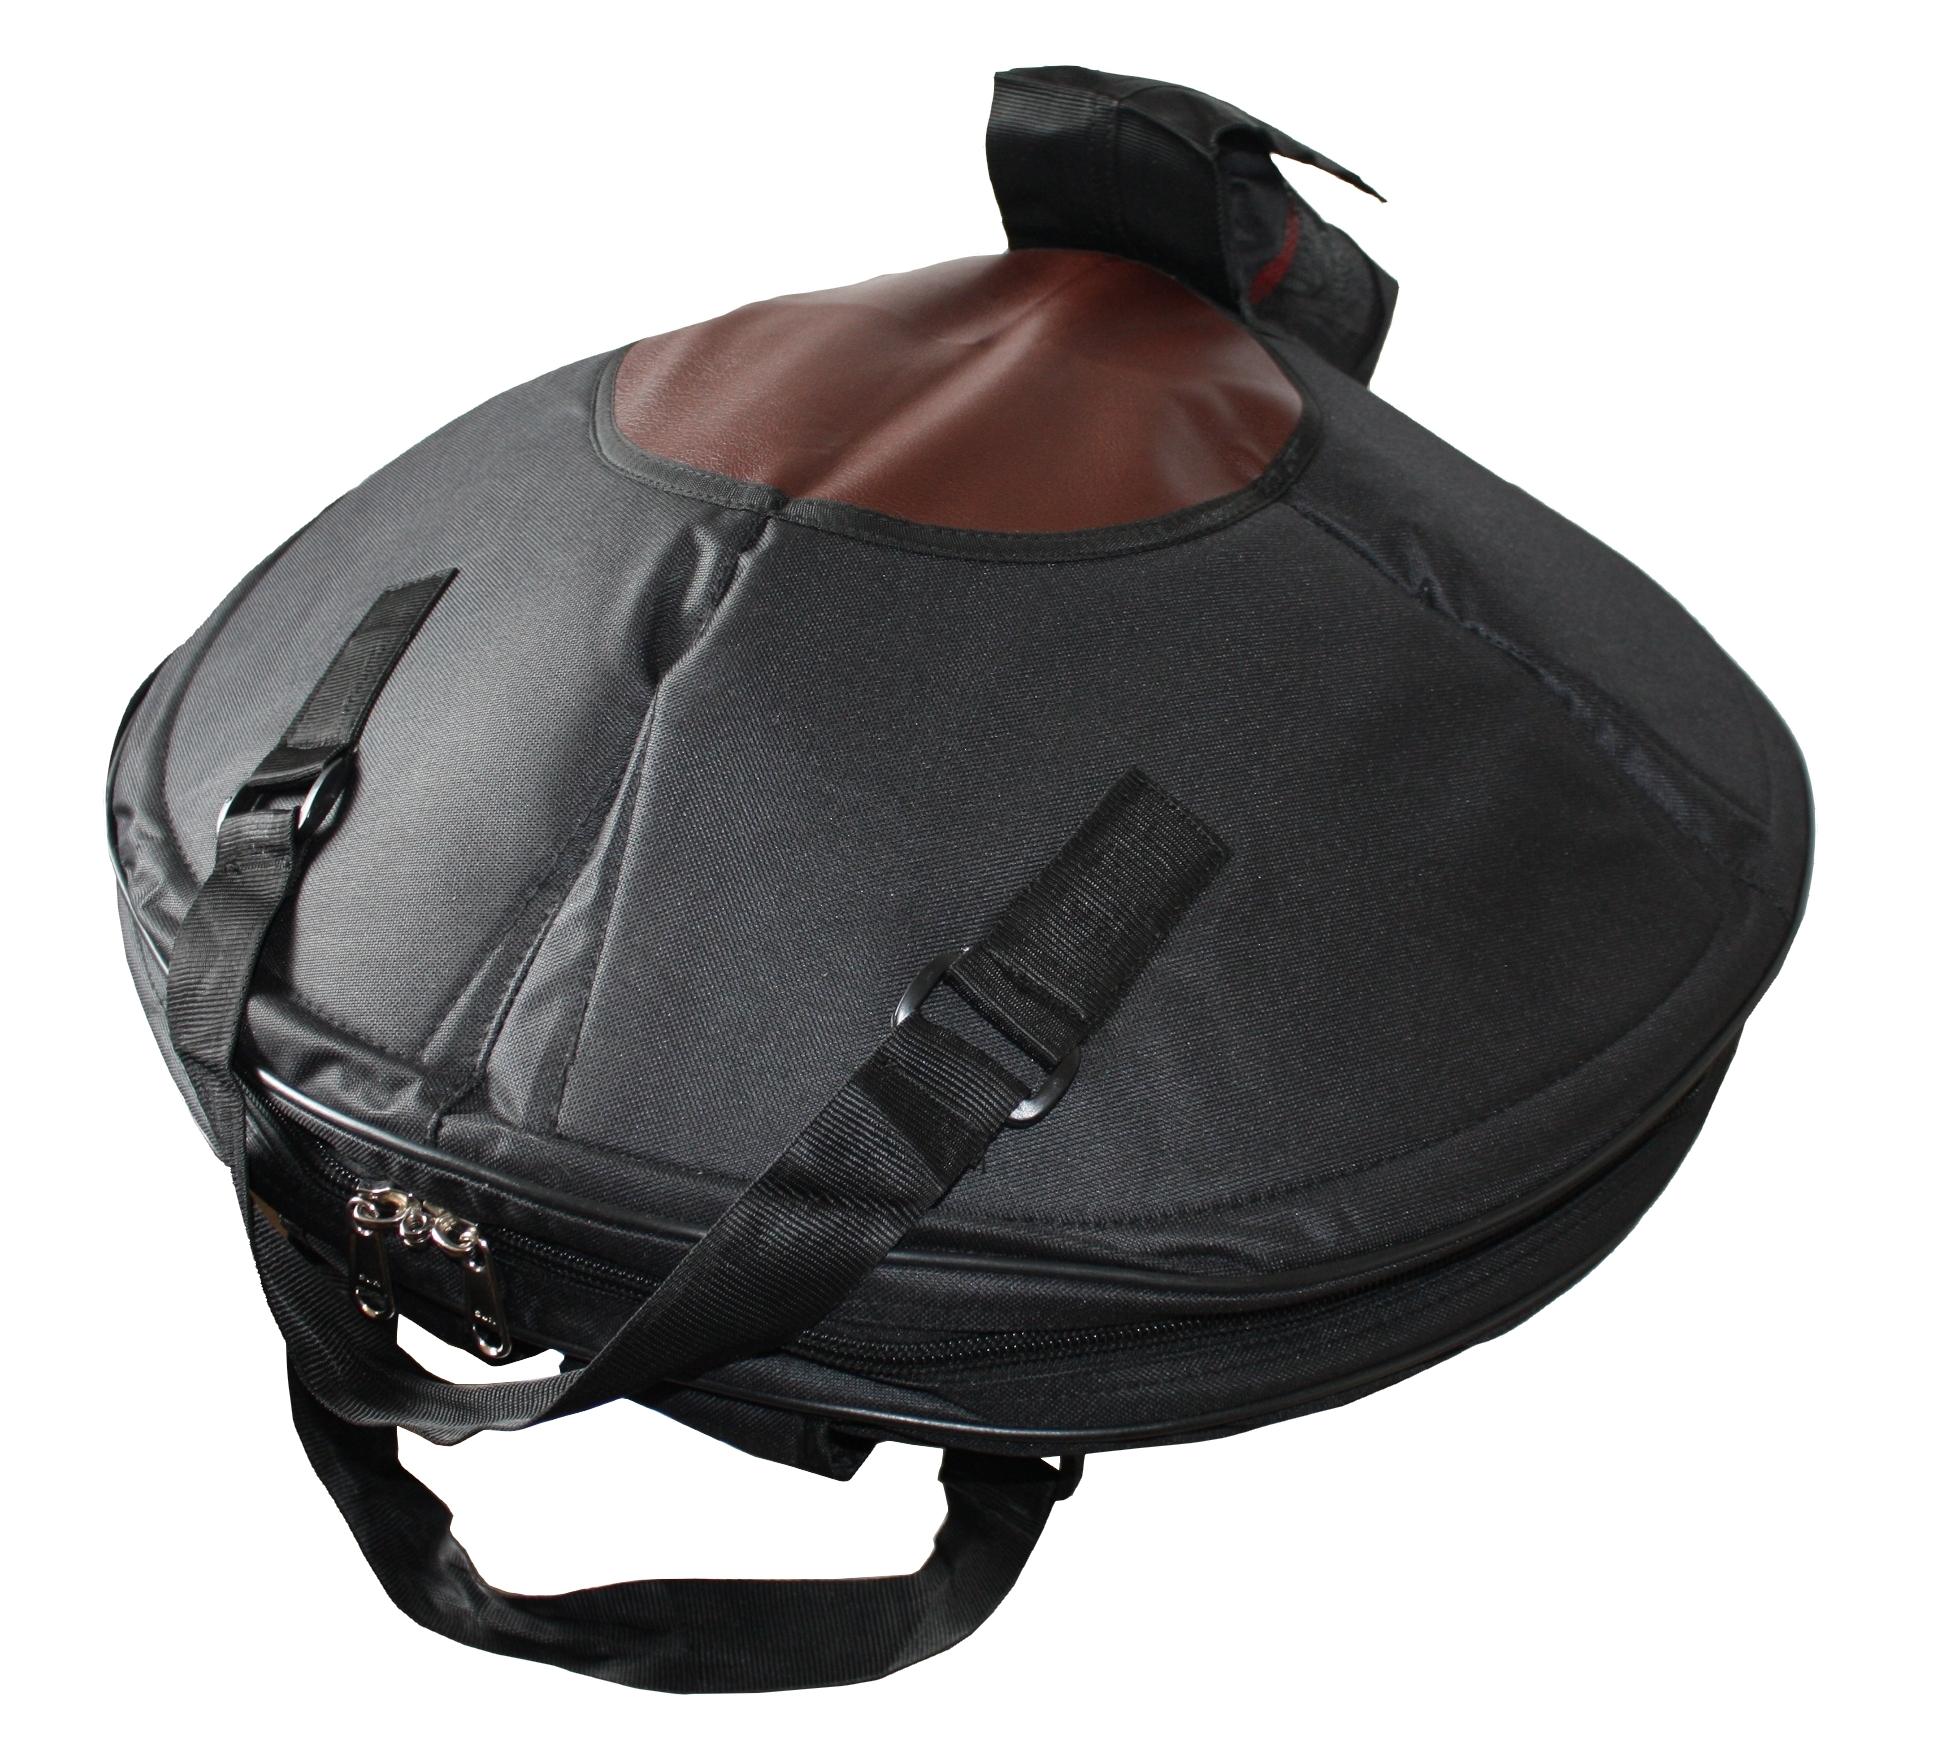 housse de protection pour handpan bali steel pan. Black Bedroom Furniture Sets. Home Design Ideas